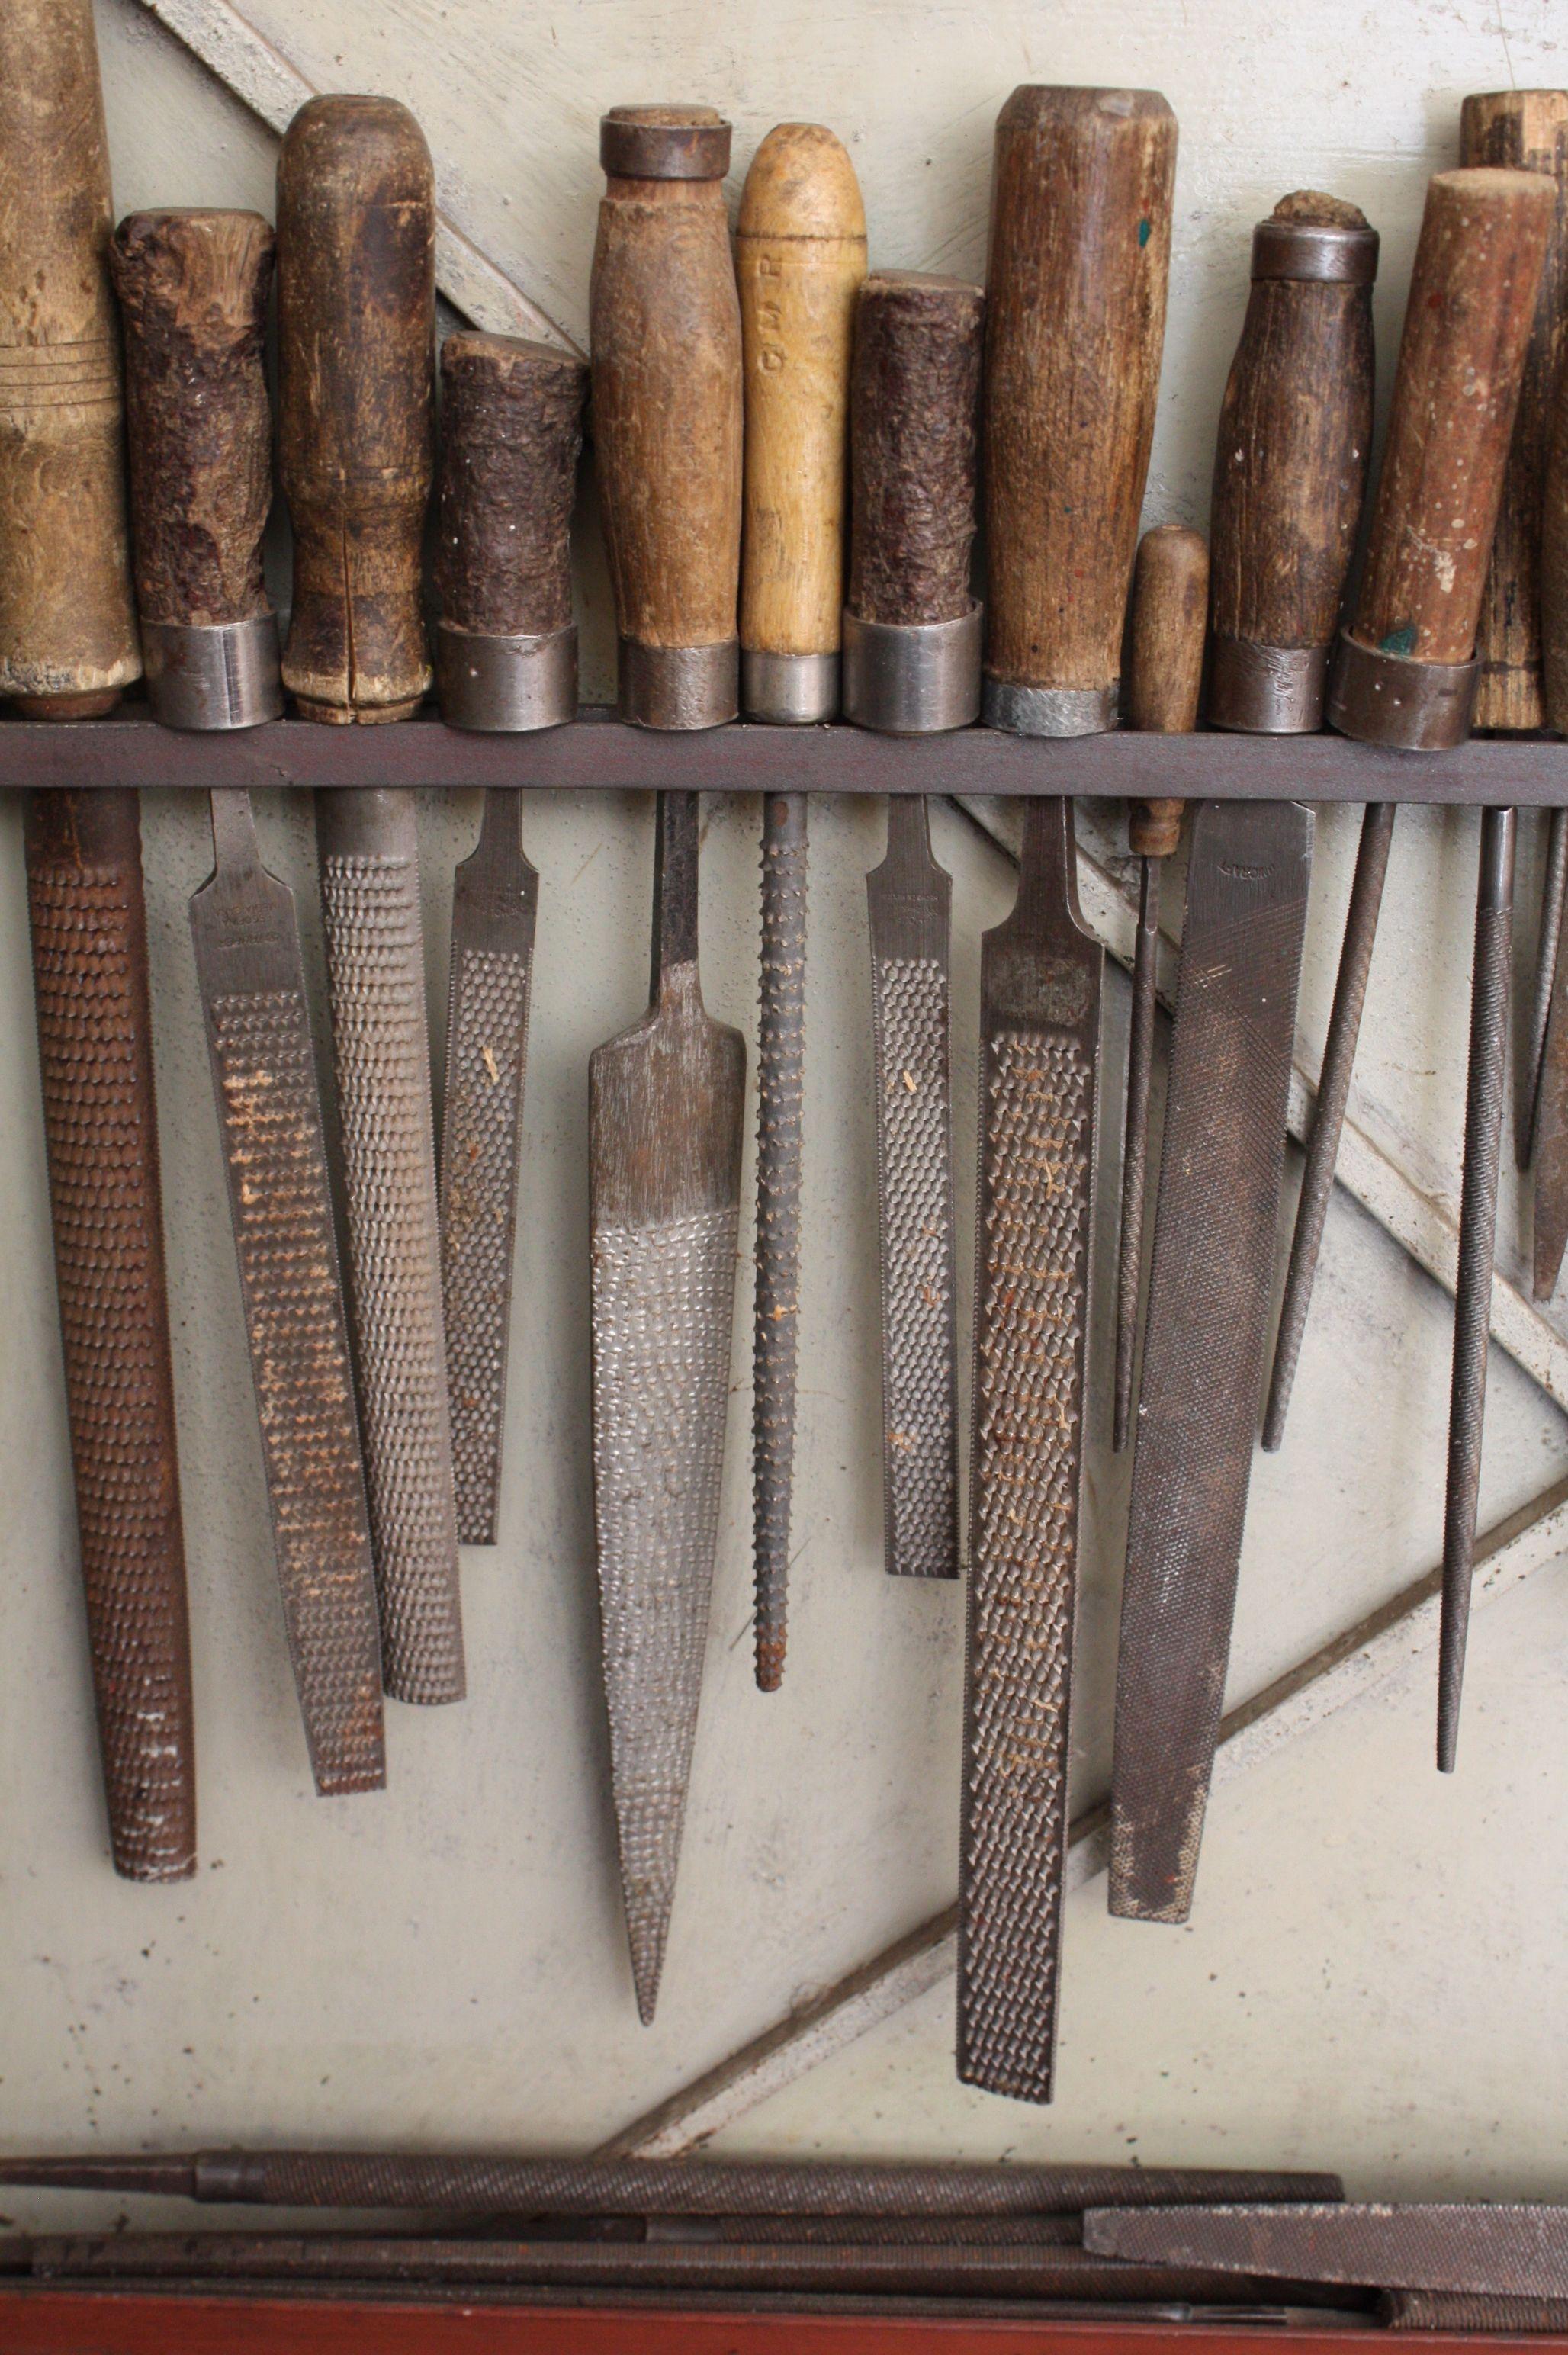 Lima Manual Lima para la Madera Multifuncionabl para Carpinter/ía Timagebreze Lima 4 en 1 para Bricolaje M/ás Adecuado para la Reparaci/ón Carpintero Ebanista